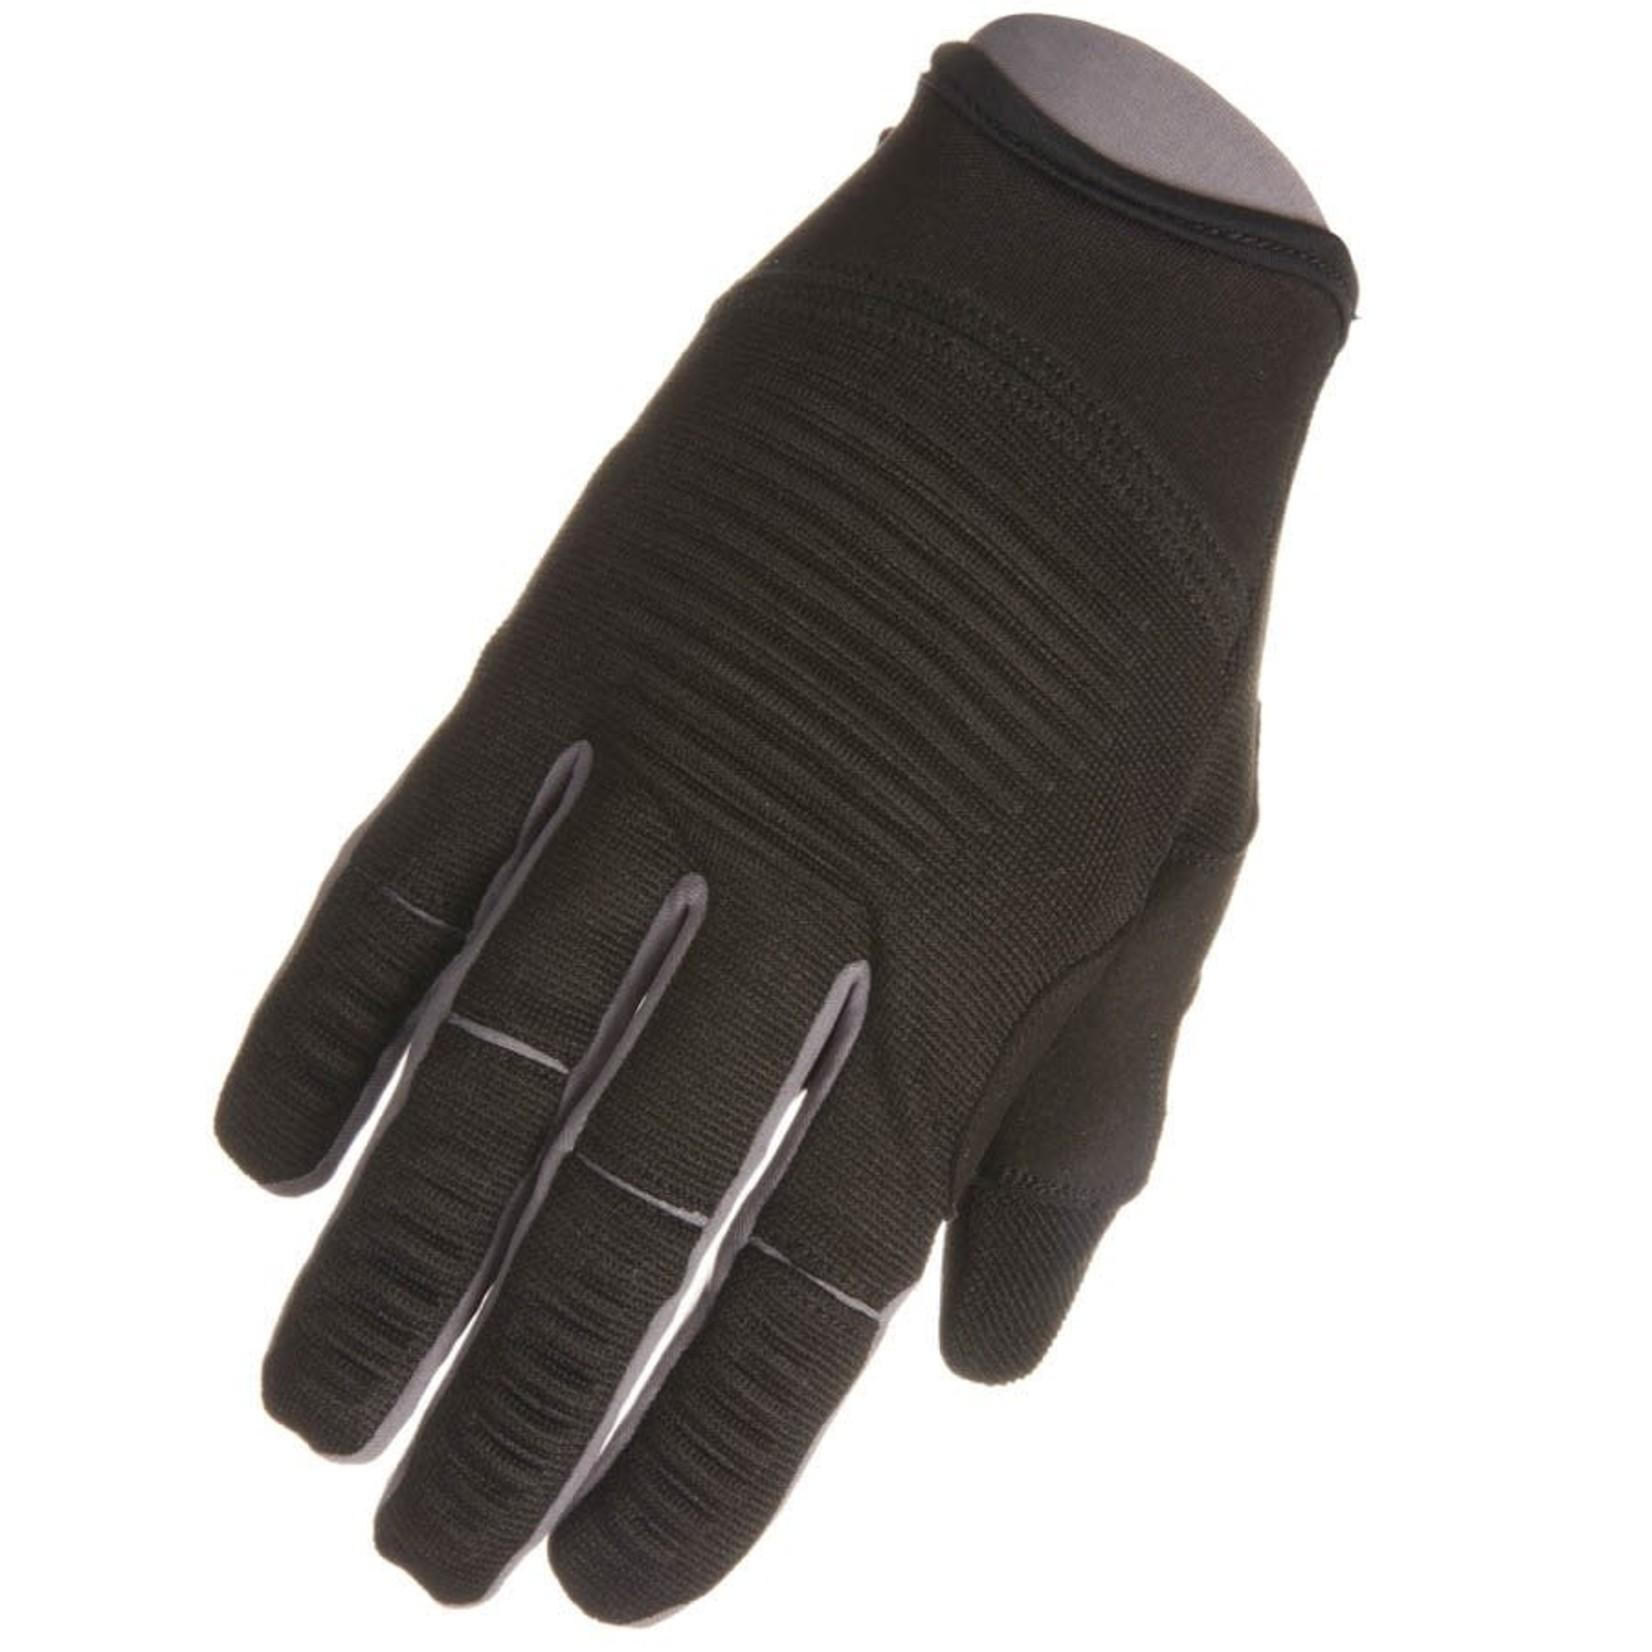 EVO EVO, Palmer Pro Trail, Full Finger Gloves, Unisex, M, Pair